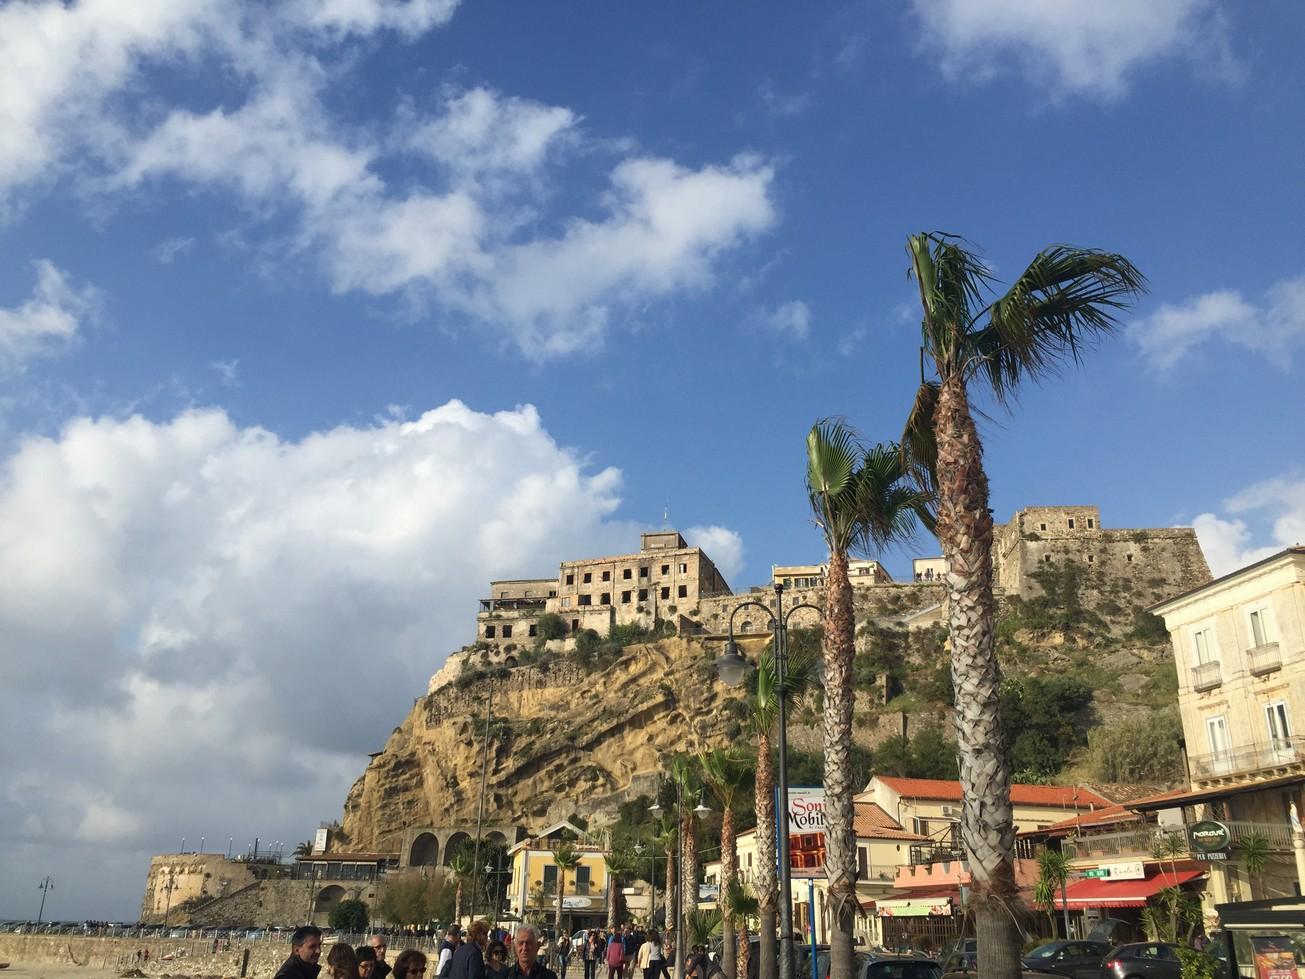 Previsioni del tempo per LUNEDì e MARTEDì in Calabria